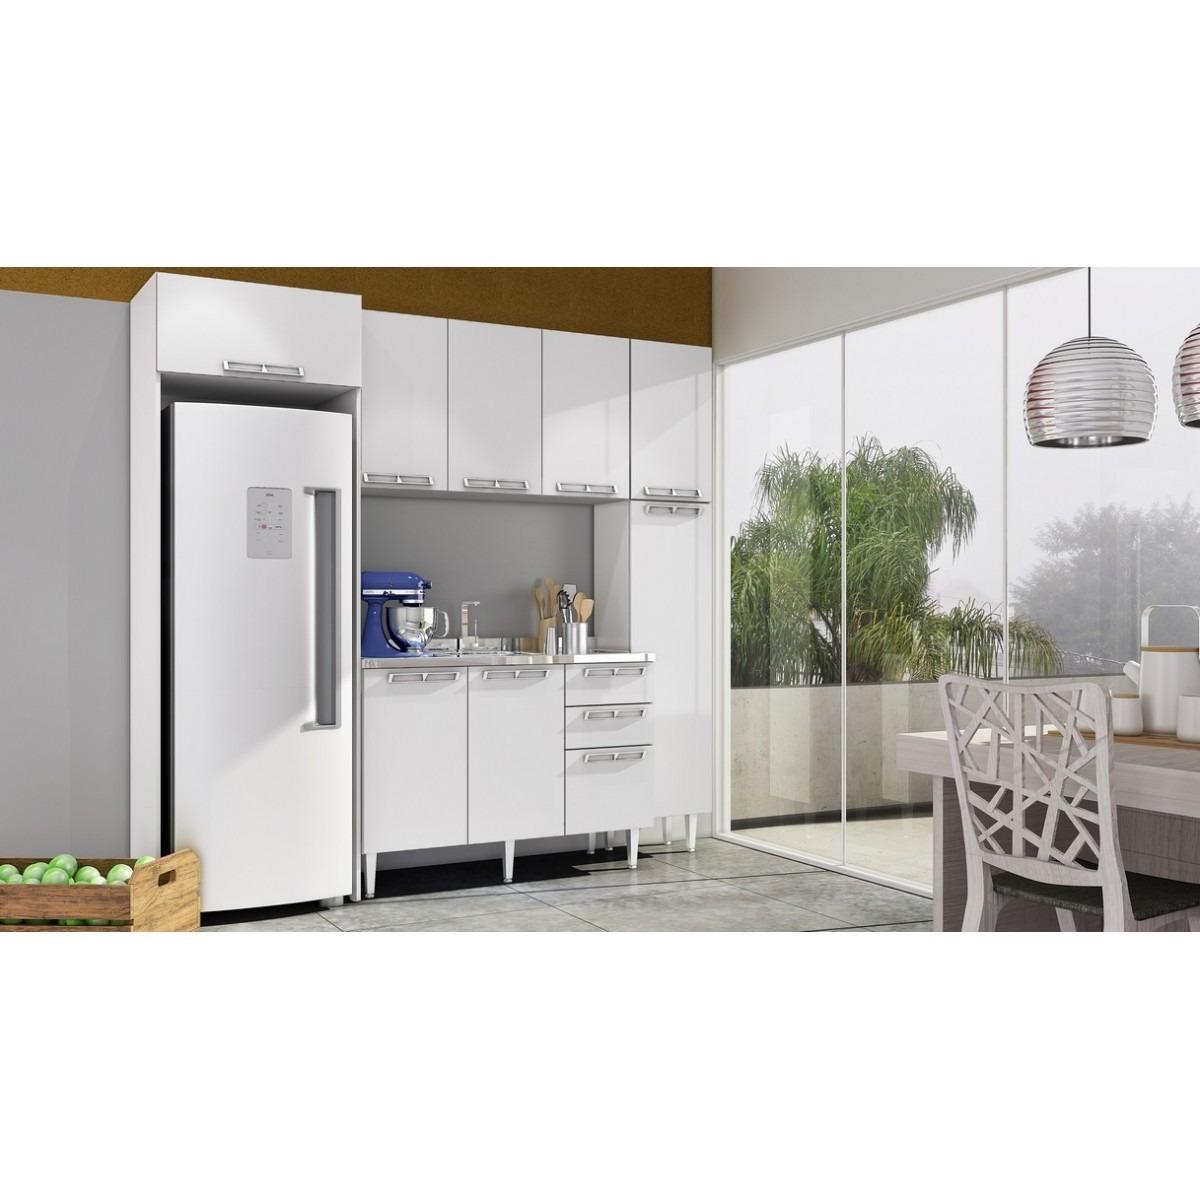 Cozinha Modulada Completa V Rias Cores 05 Pe As Mia Coccina R